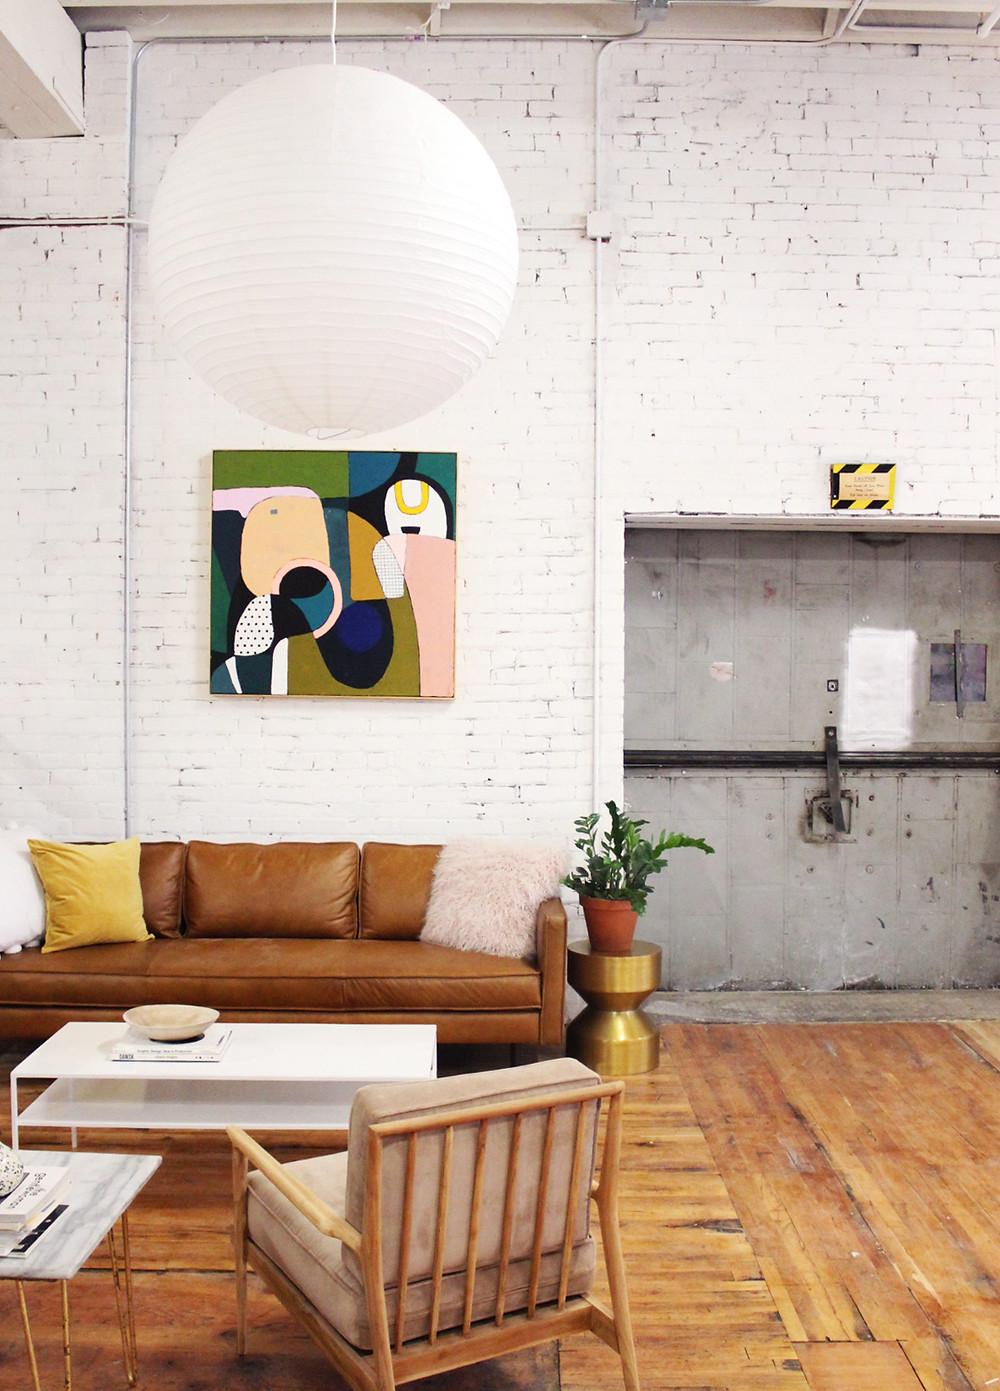 Ashley Mary Art studio